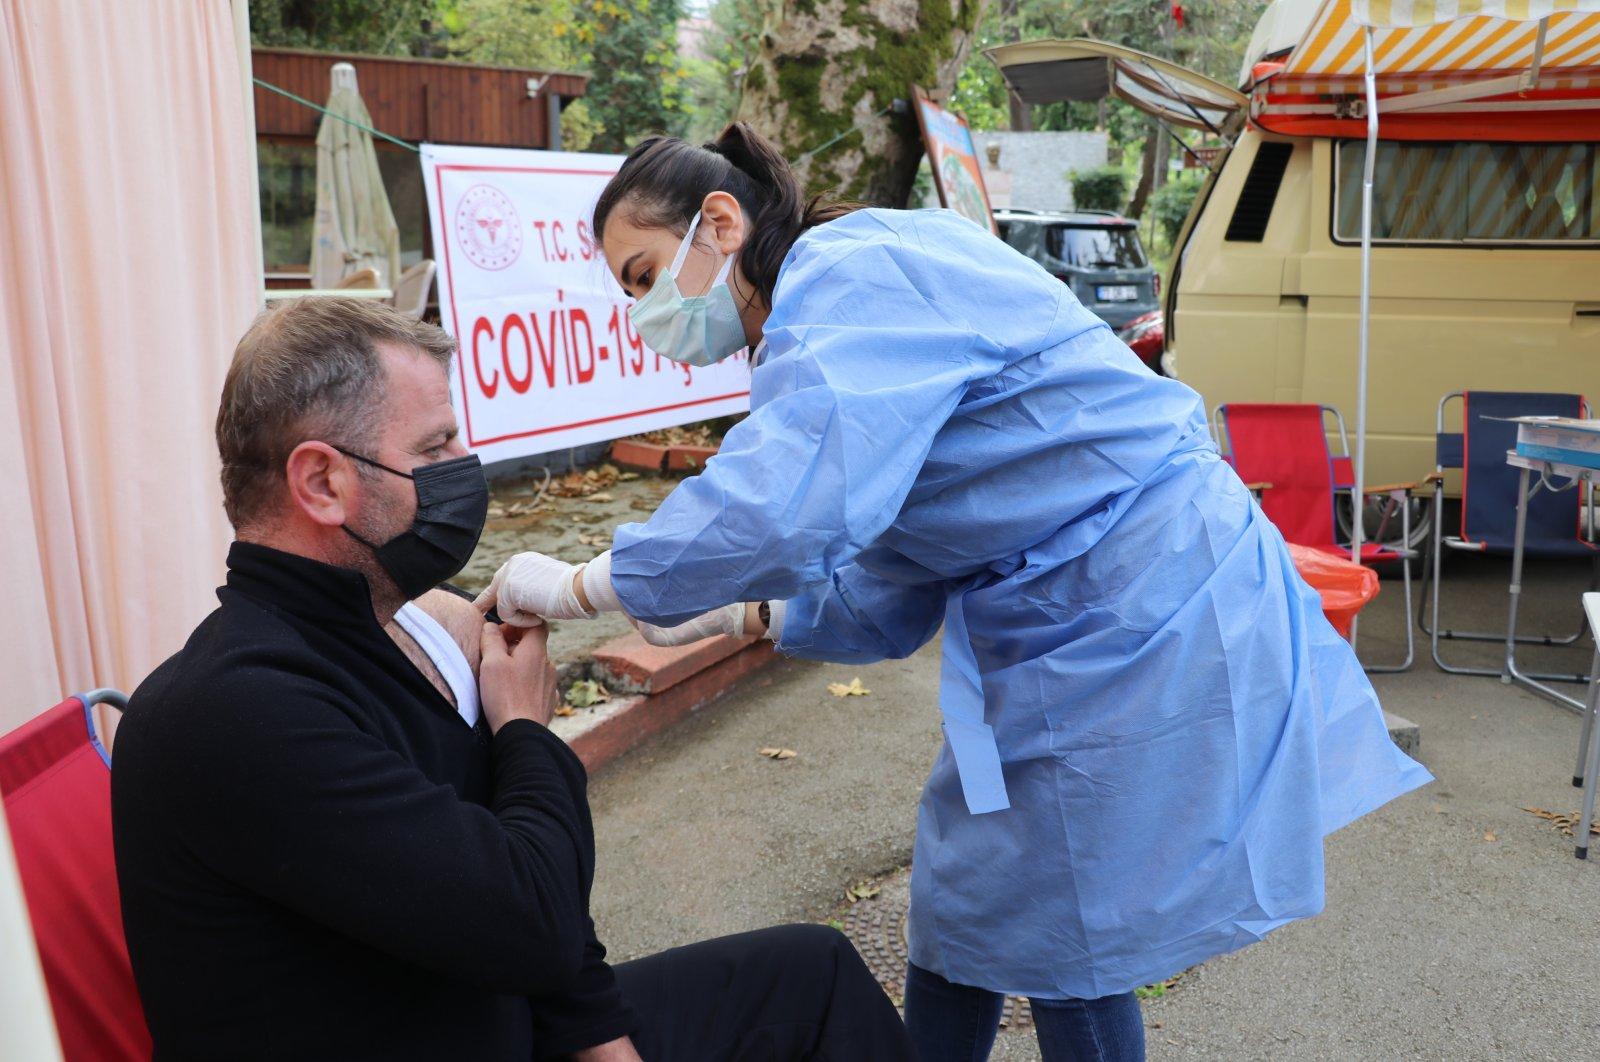 A nurse vaccinates a man against the coronavirus, in Yalova, northwestern Turkey, Oct. 10, 2021. (AA Photo)